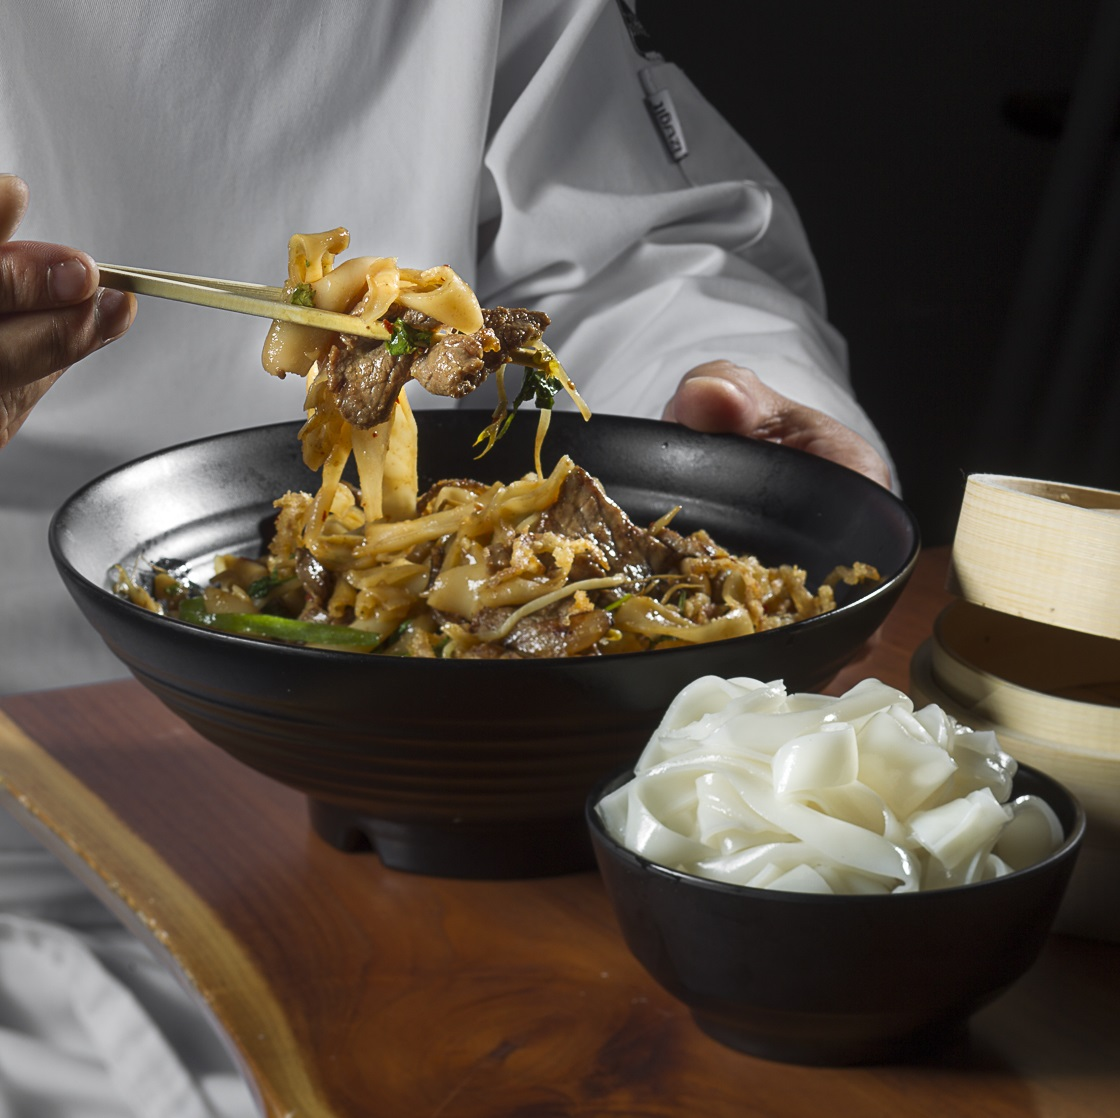 אטריות אורז טריות, והמנה שמכינים מהן בג'ירף. צילום: אנטולי מיכאלו